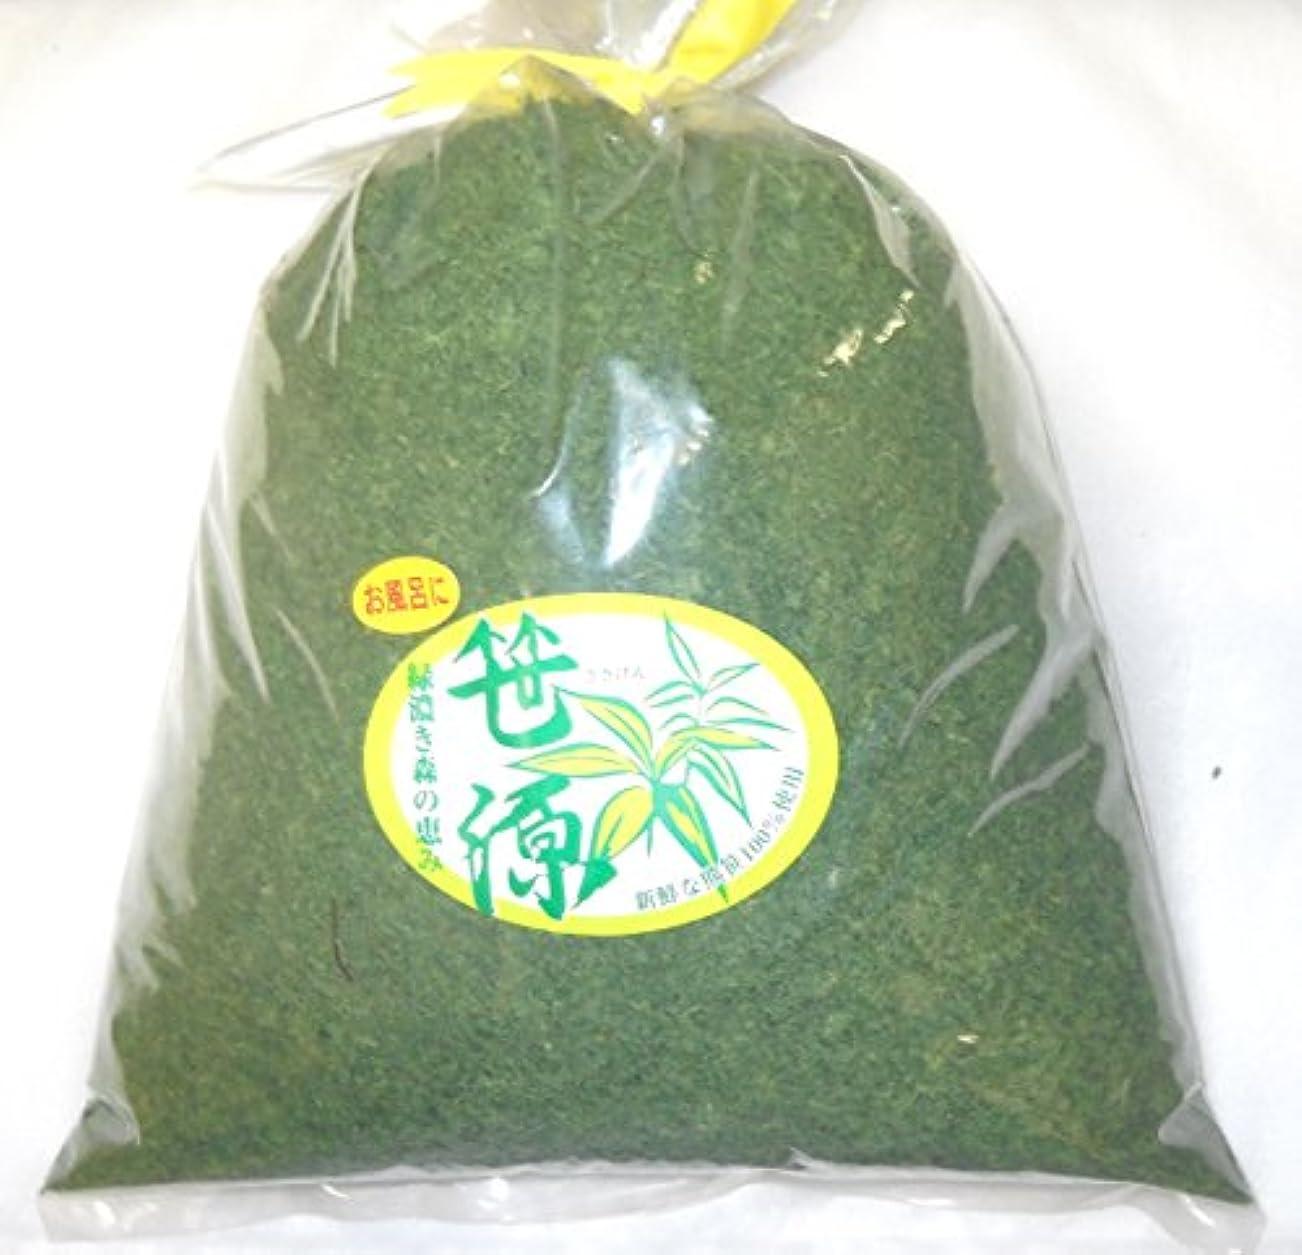 ペグ意志汚す【産地直送】長野県産クマ笹 笹源(生)2kg 無添加浴用剤